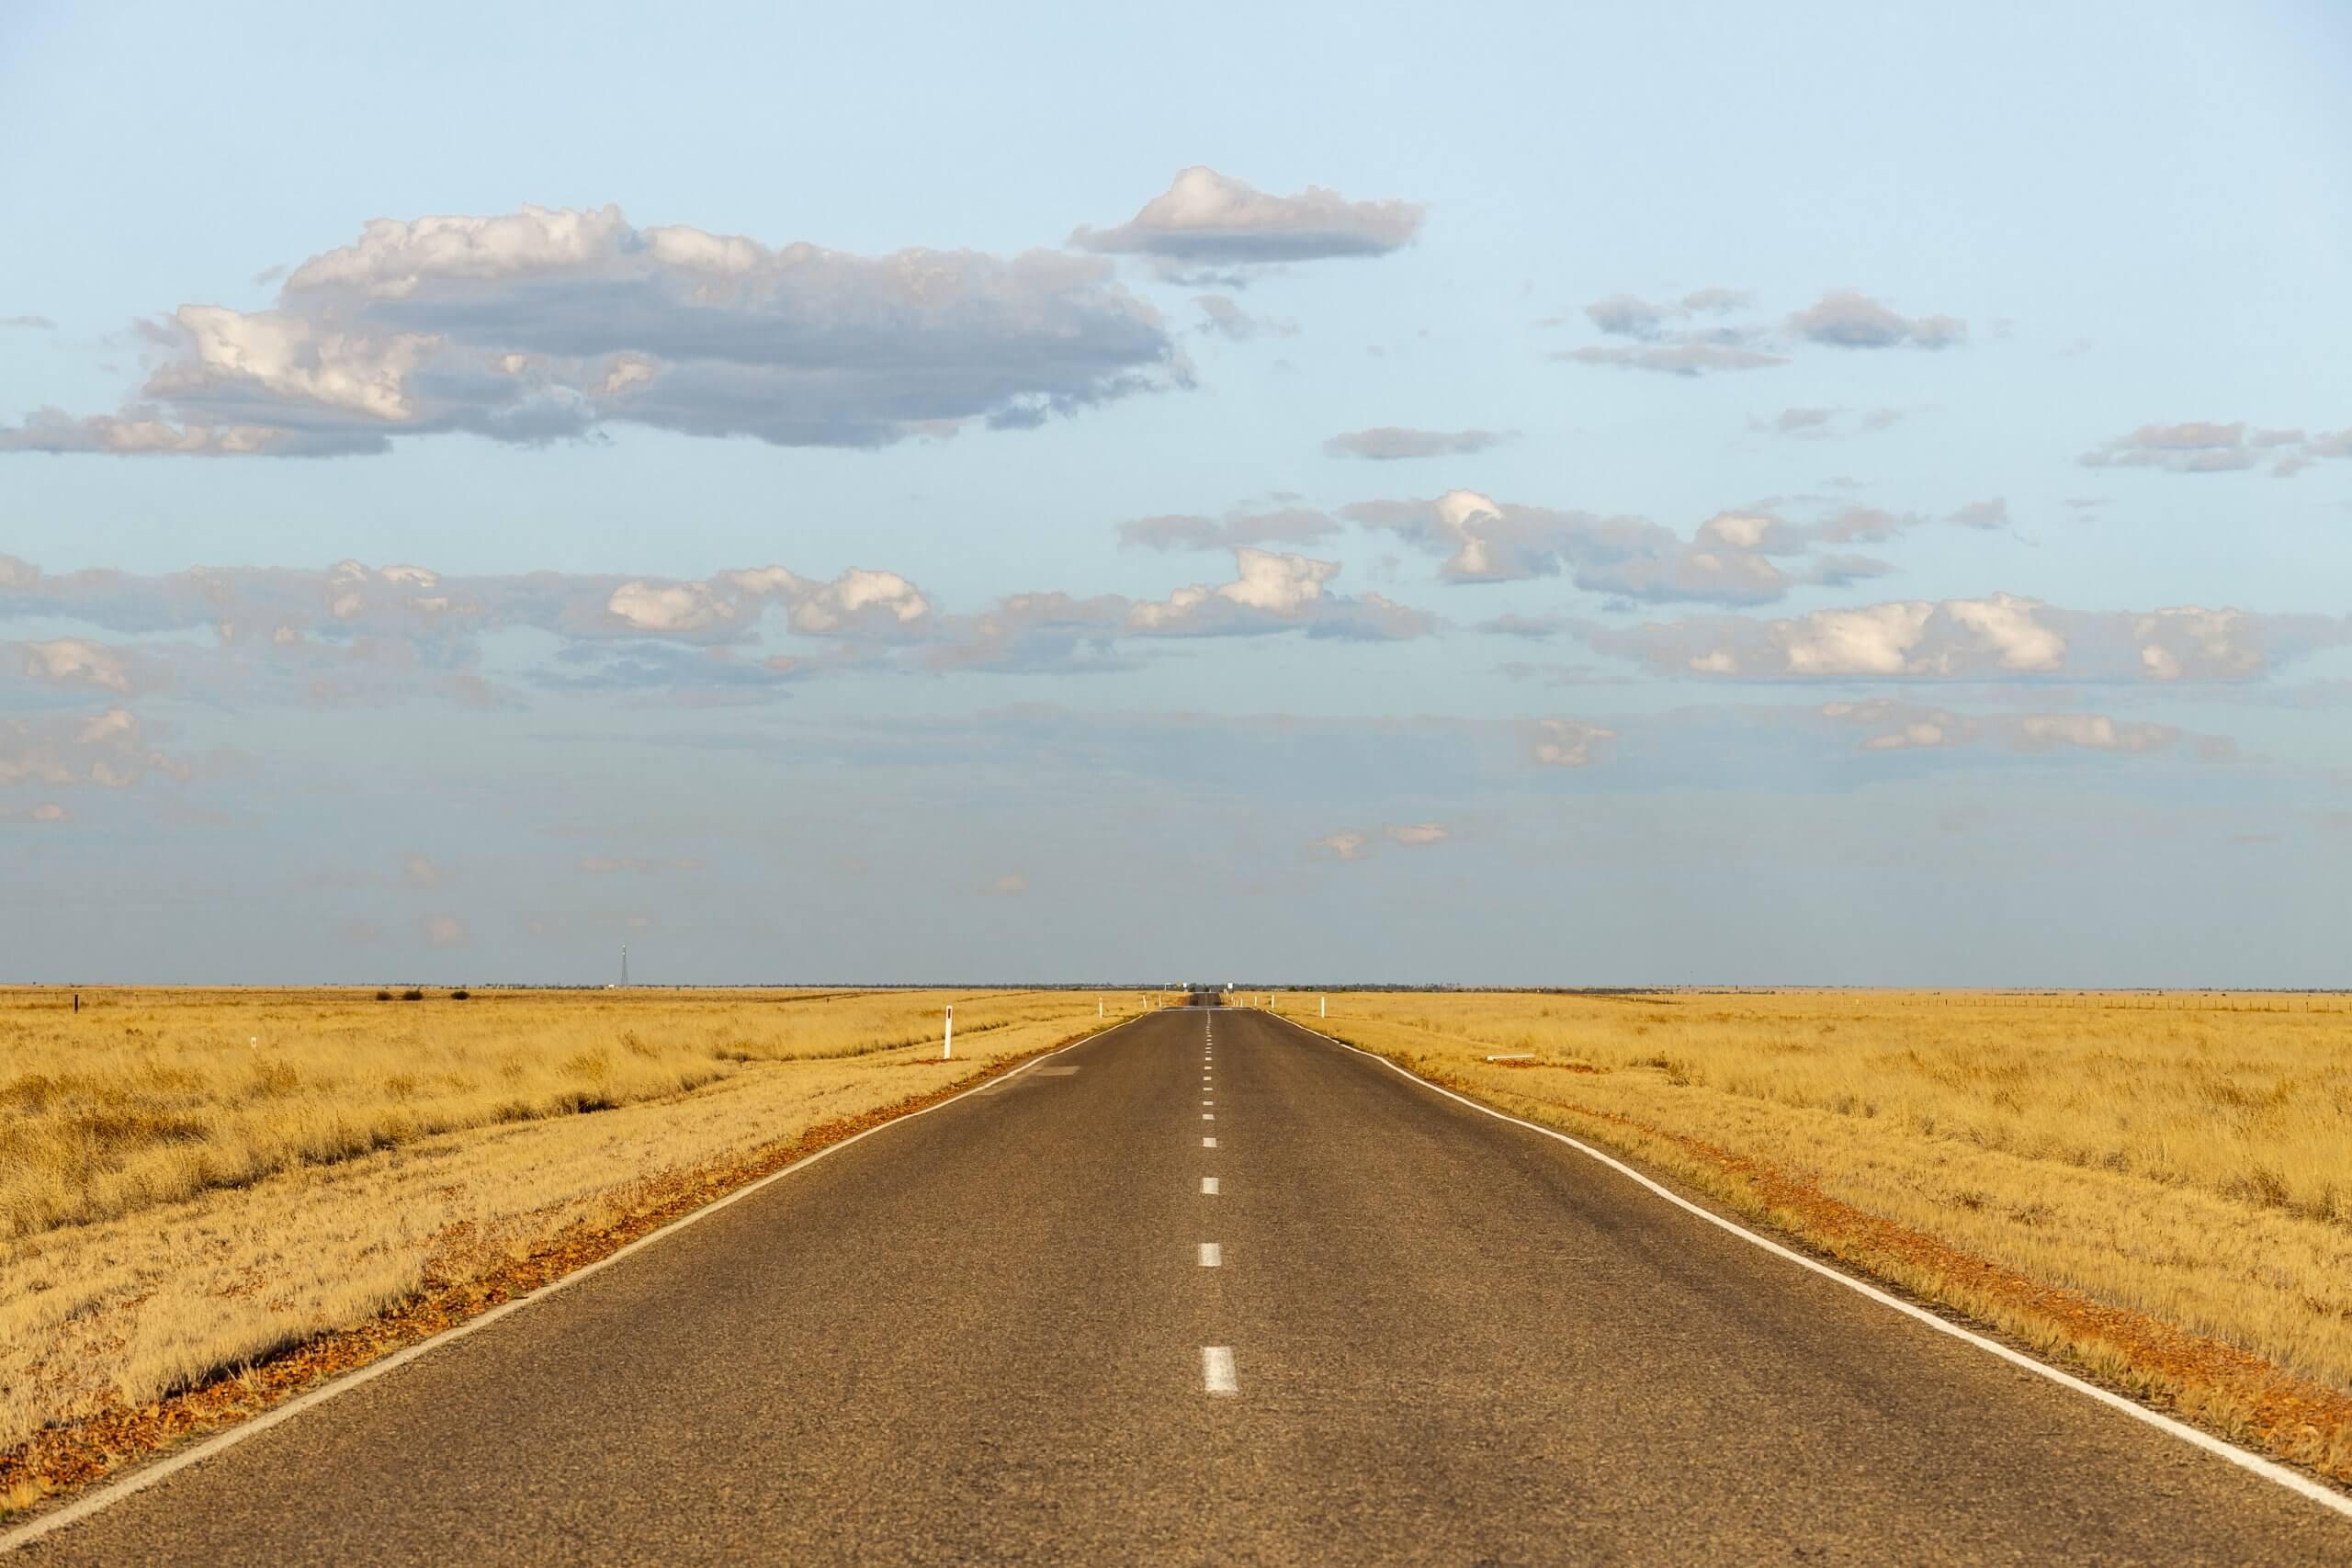 unterwegs auf einem Highway durch das Outback